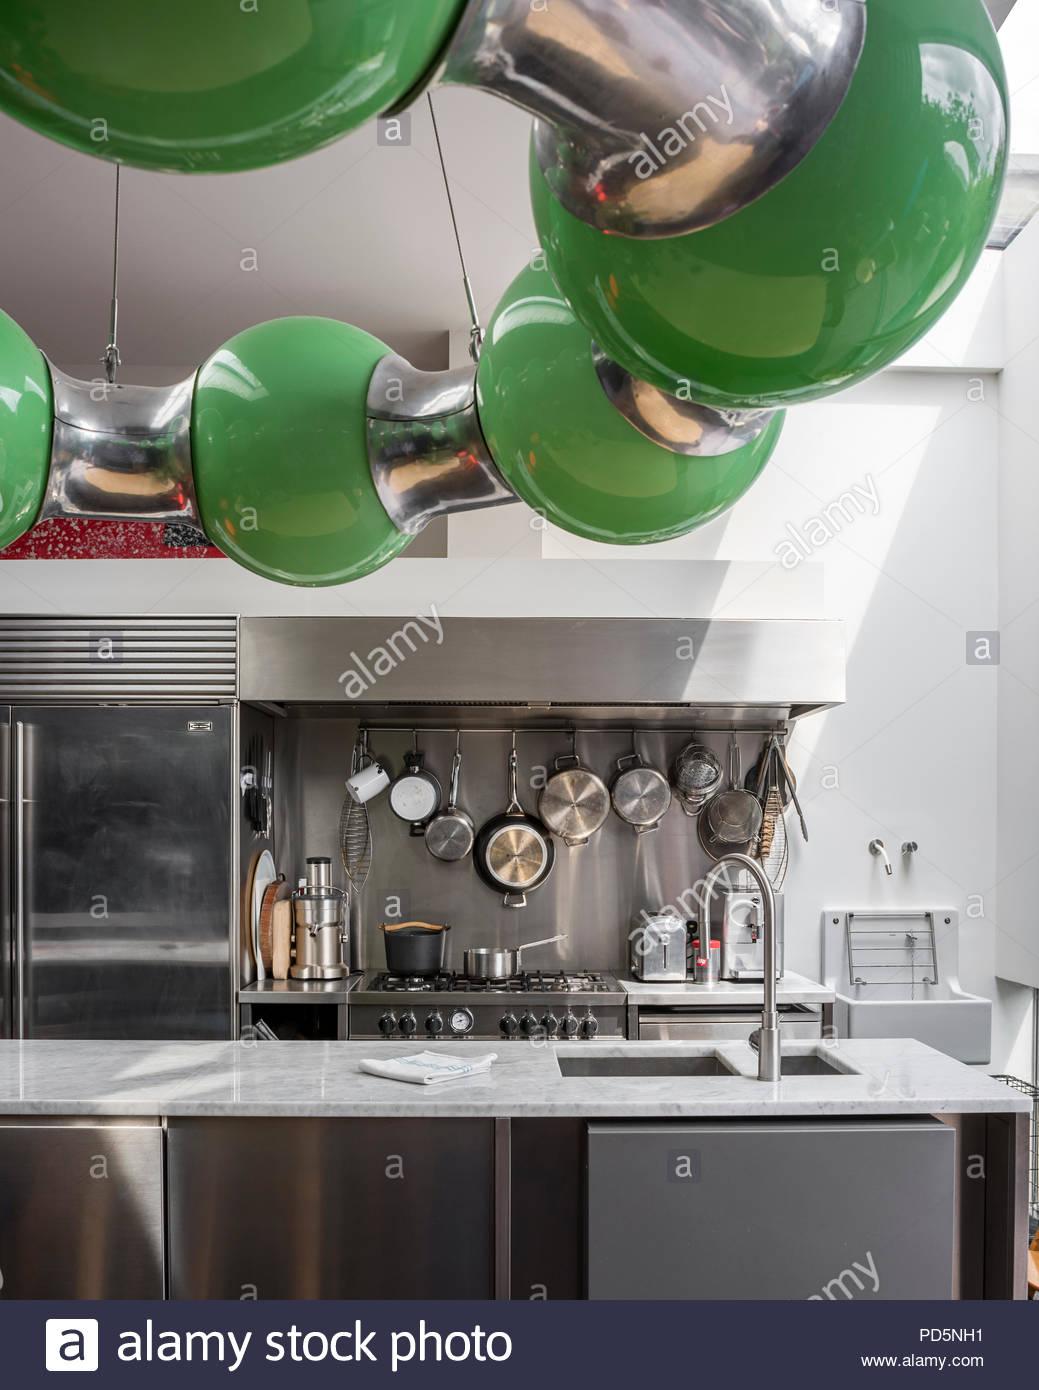 Full Size of Edelstahl Küche Kchen In Der Modernen Kche Mit Grnes Licht Von Andy Granitplatten Anthrazit Lüftungsgitter Einzelschränke Kaufen Günstig Abfalleimer Wohnzimmer Edelstahl Küche